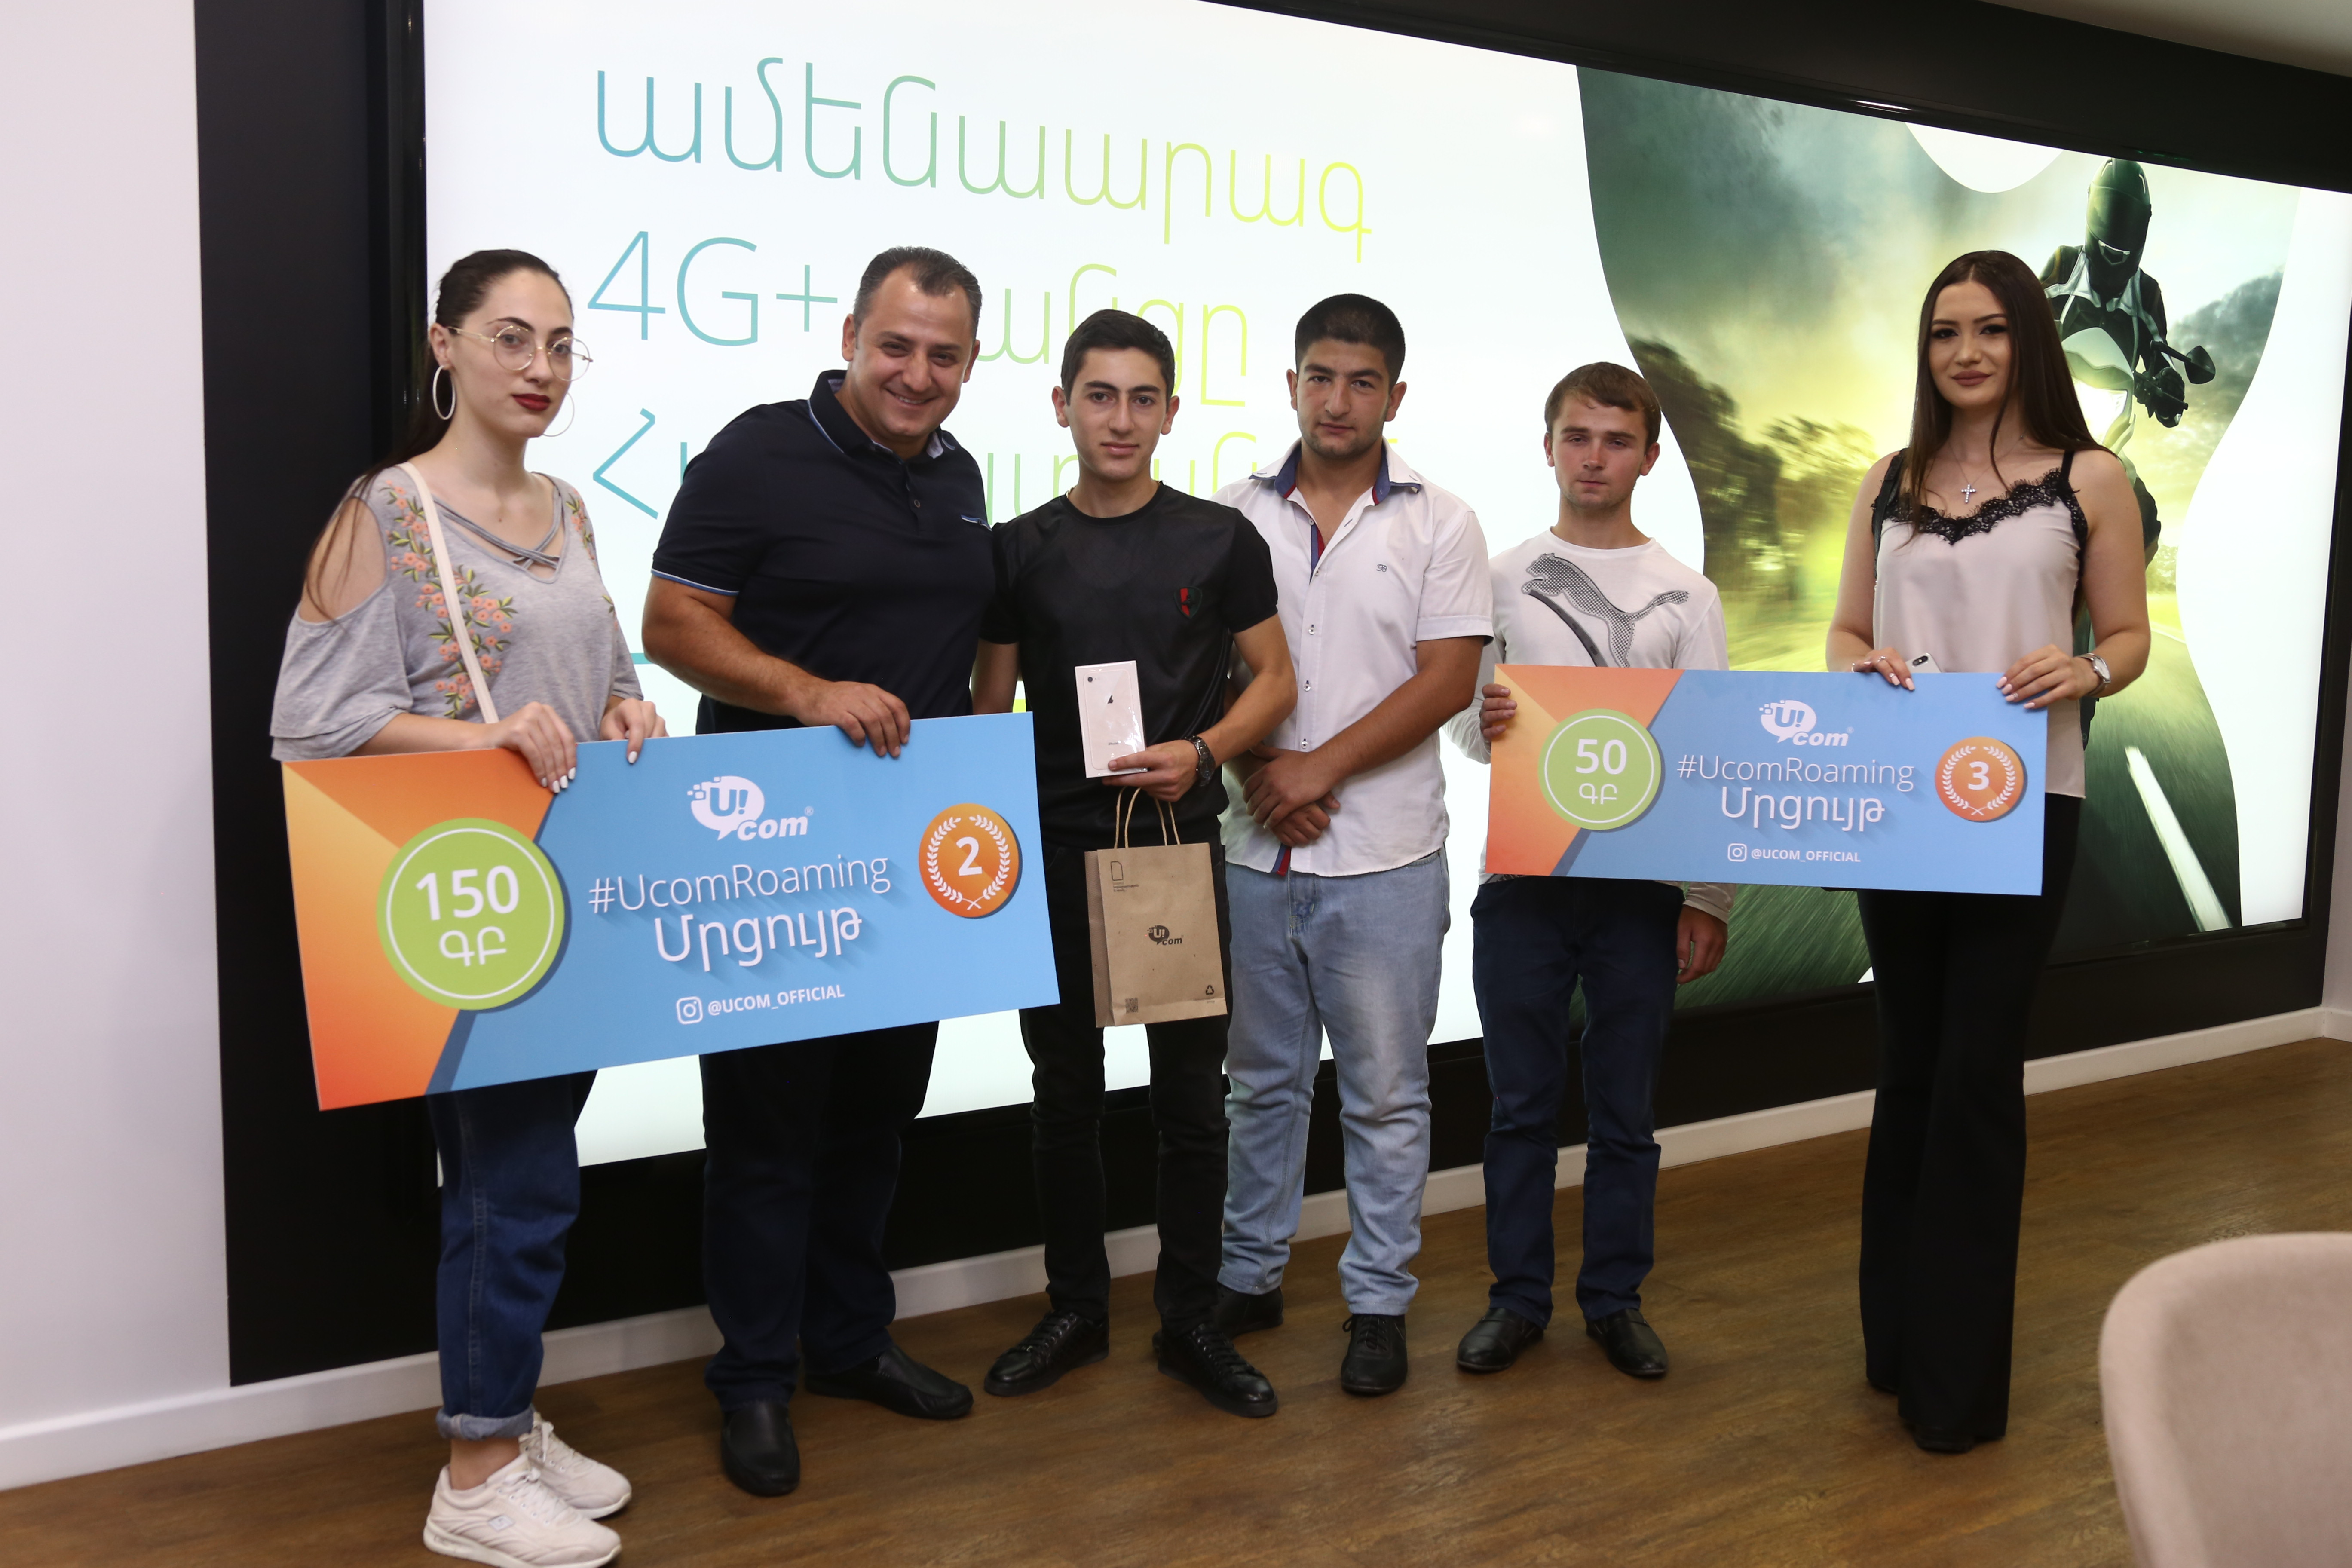 UCOM. Հայտնի են #UcomRoaming առցանց մրցույթի հաղթողները